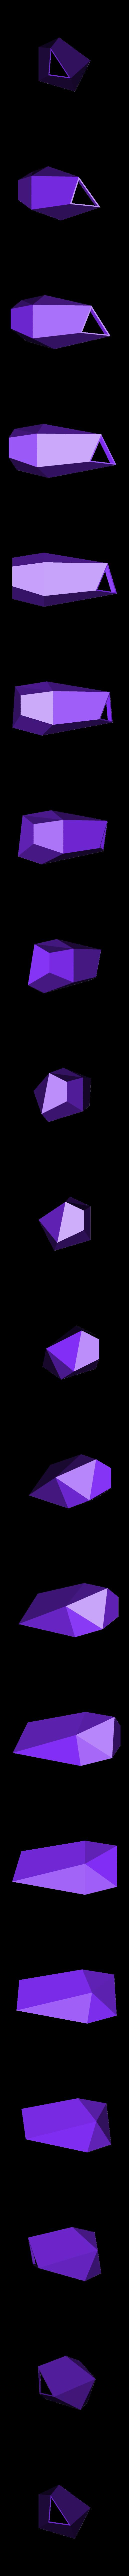 XYZ_VASE_MED.STL Télécharger fichier STL gratuit FACET VASE • Modèle imprimable en 3D, XYZWorkshop